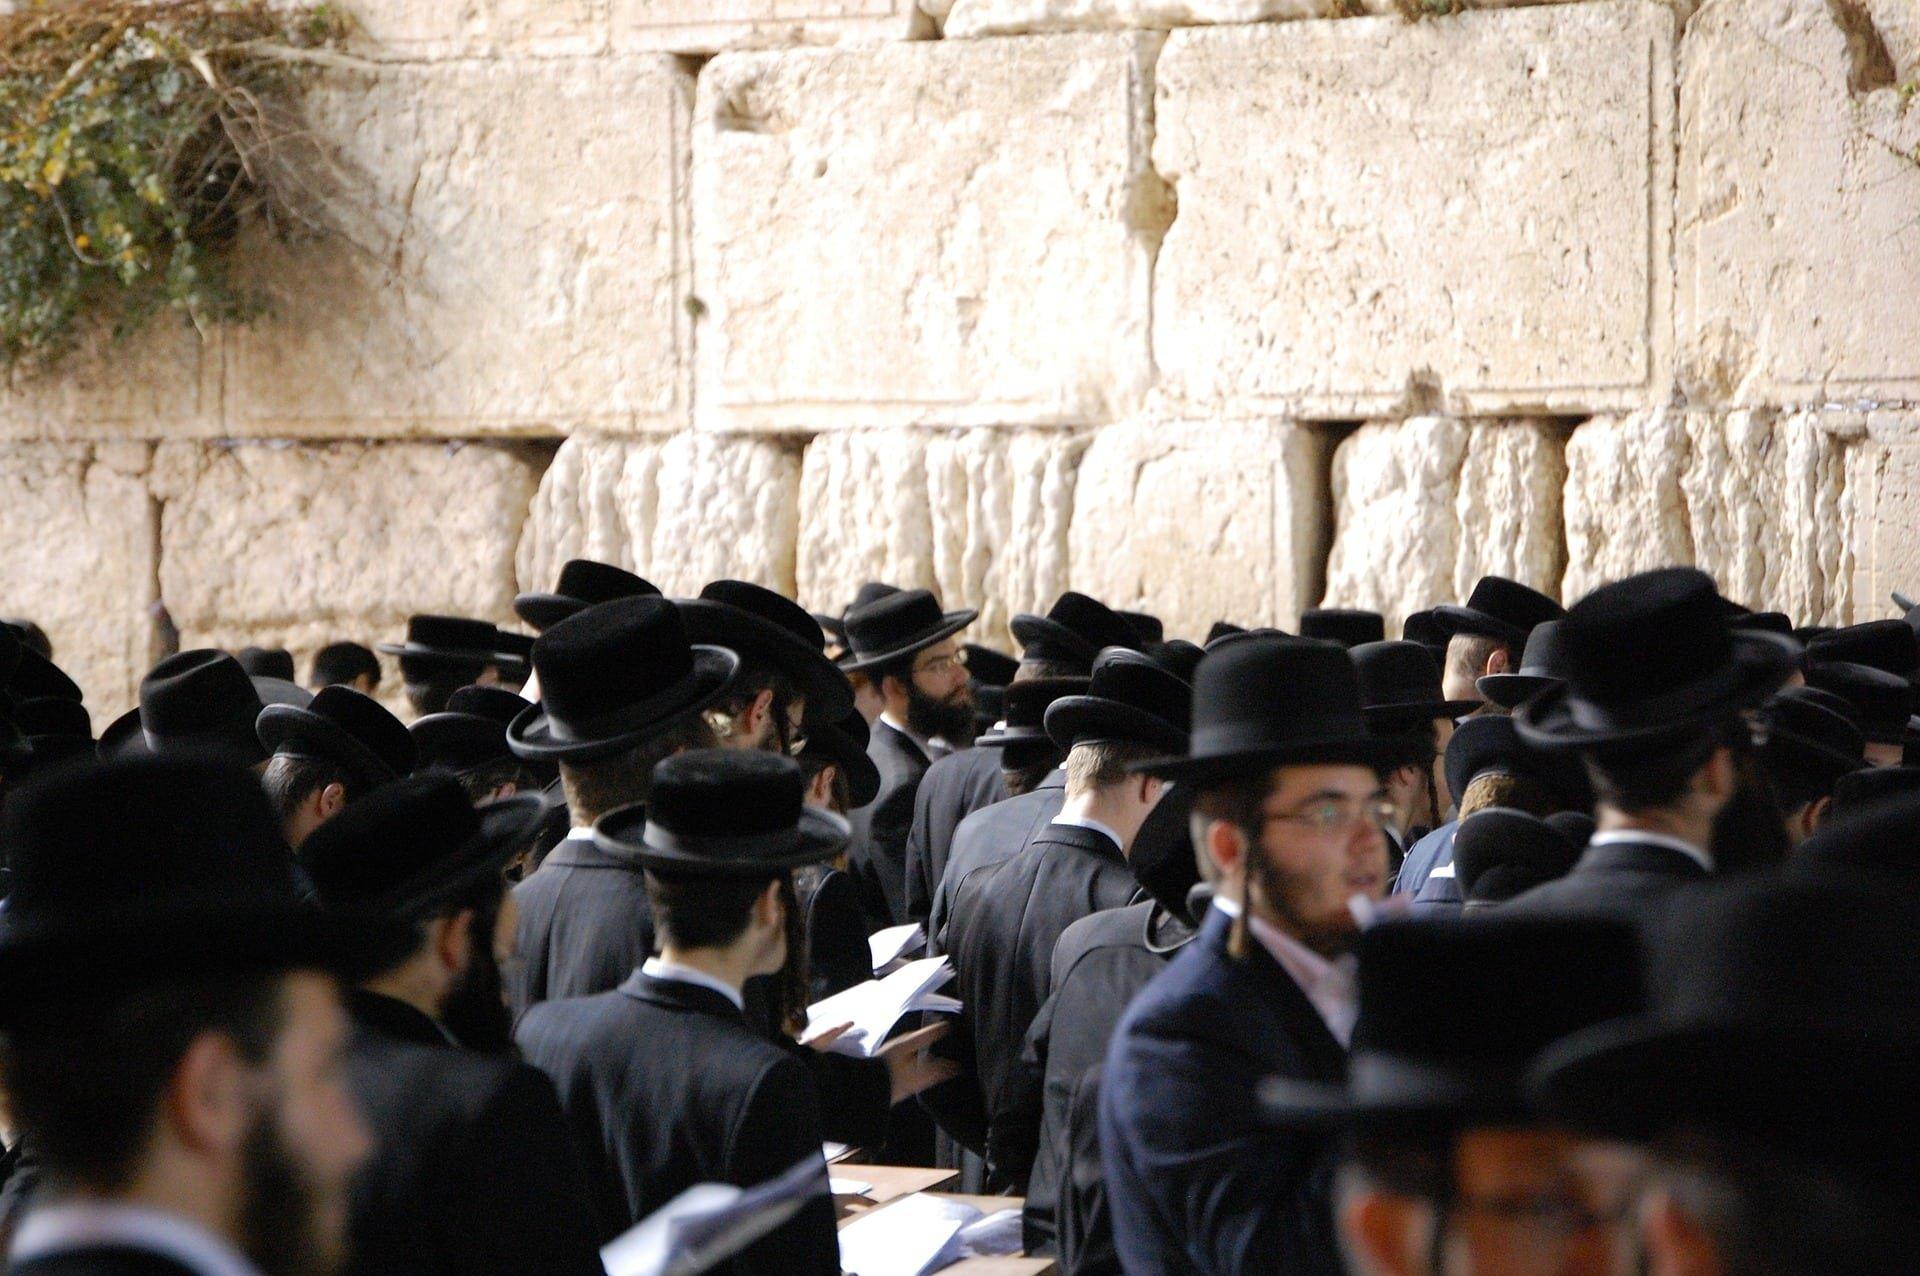 Отдых в Тель-Авиве(Израиль) 2018: Виза, цены, отели, как добраться?